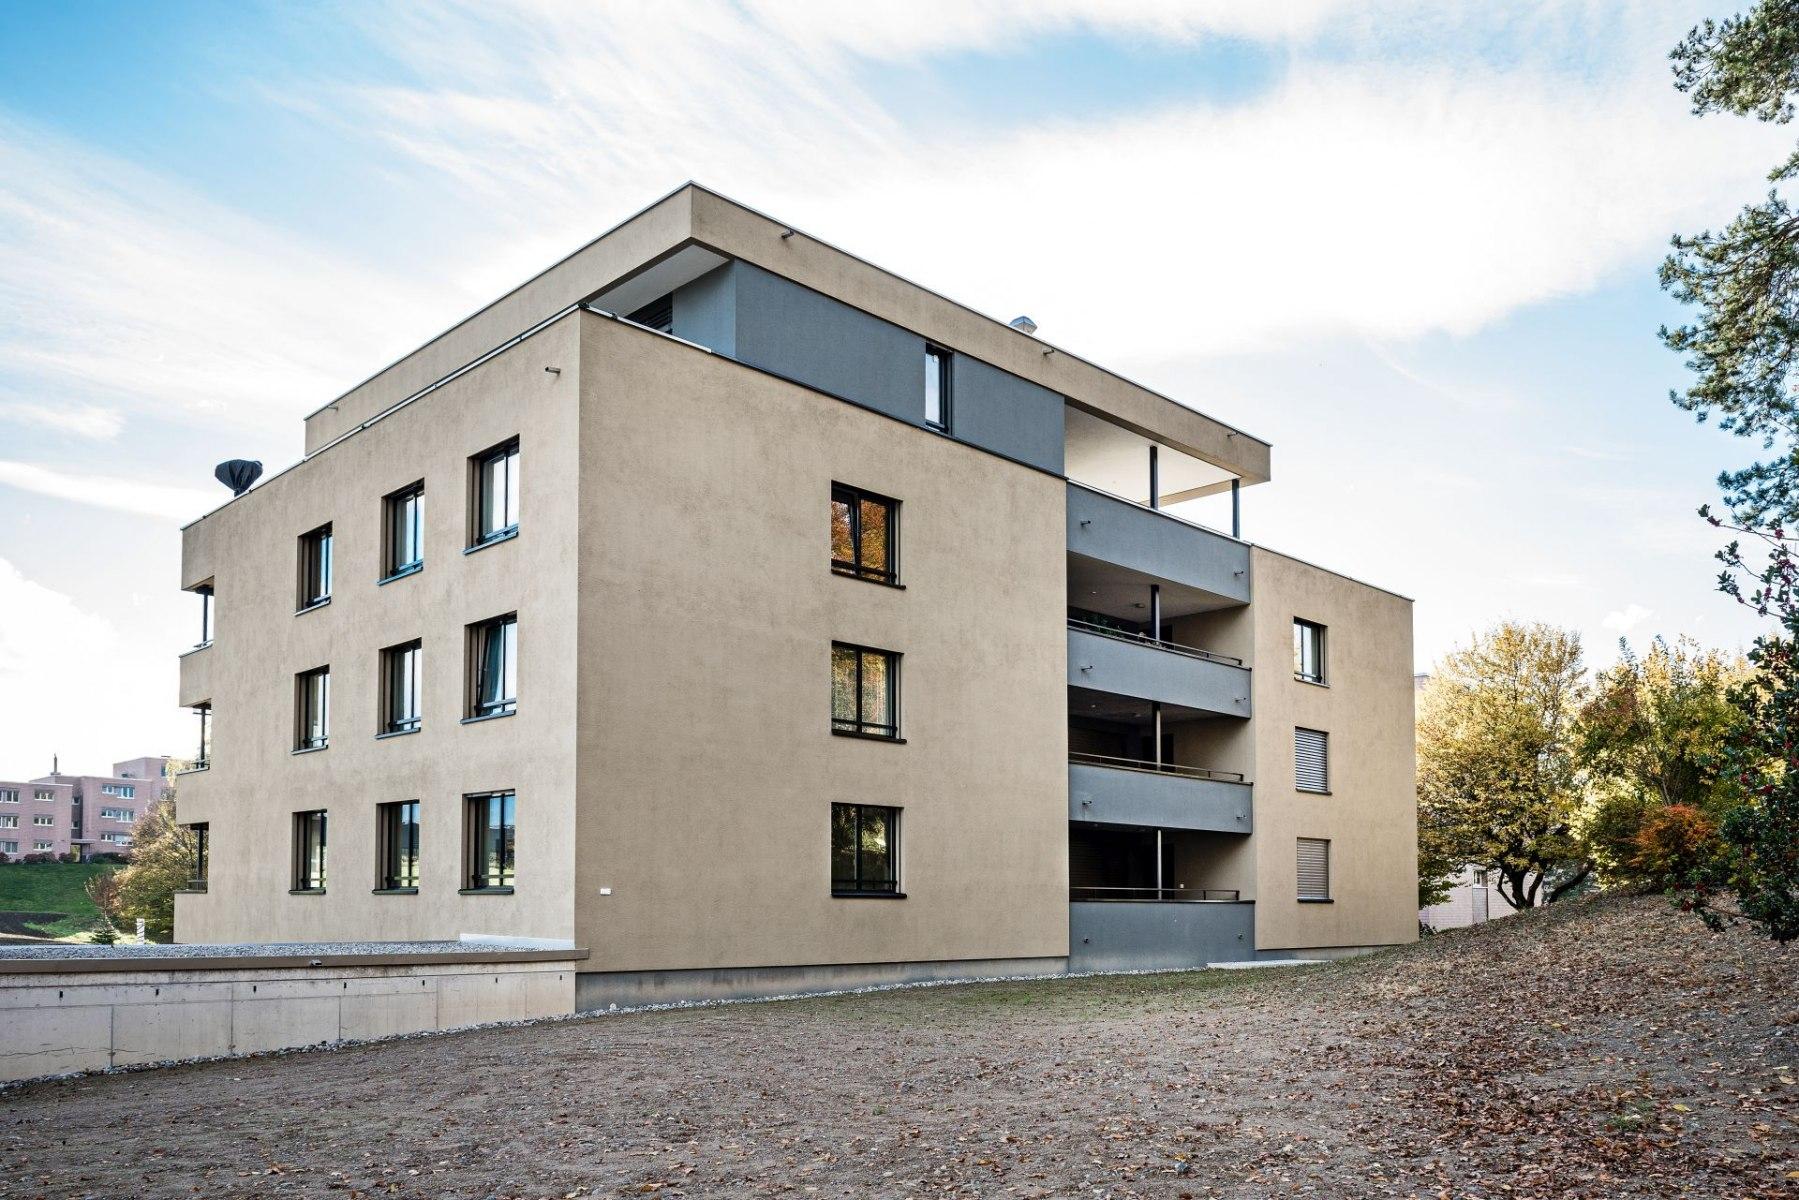 Neubau Mehrfamilienhaus Kreuzbuch Meggen Nordostfassade